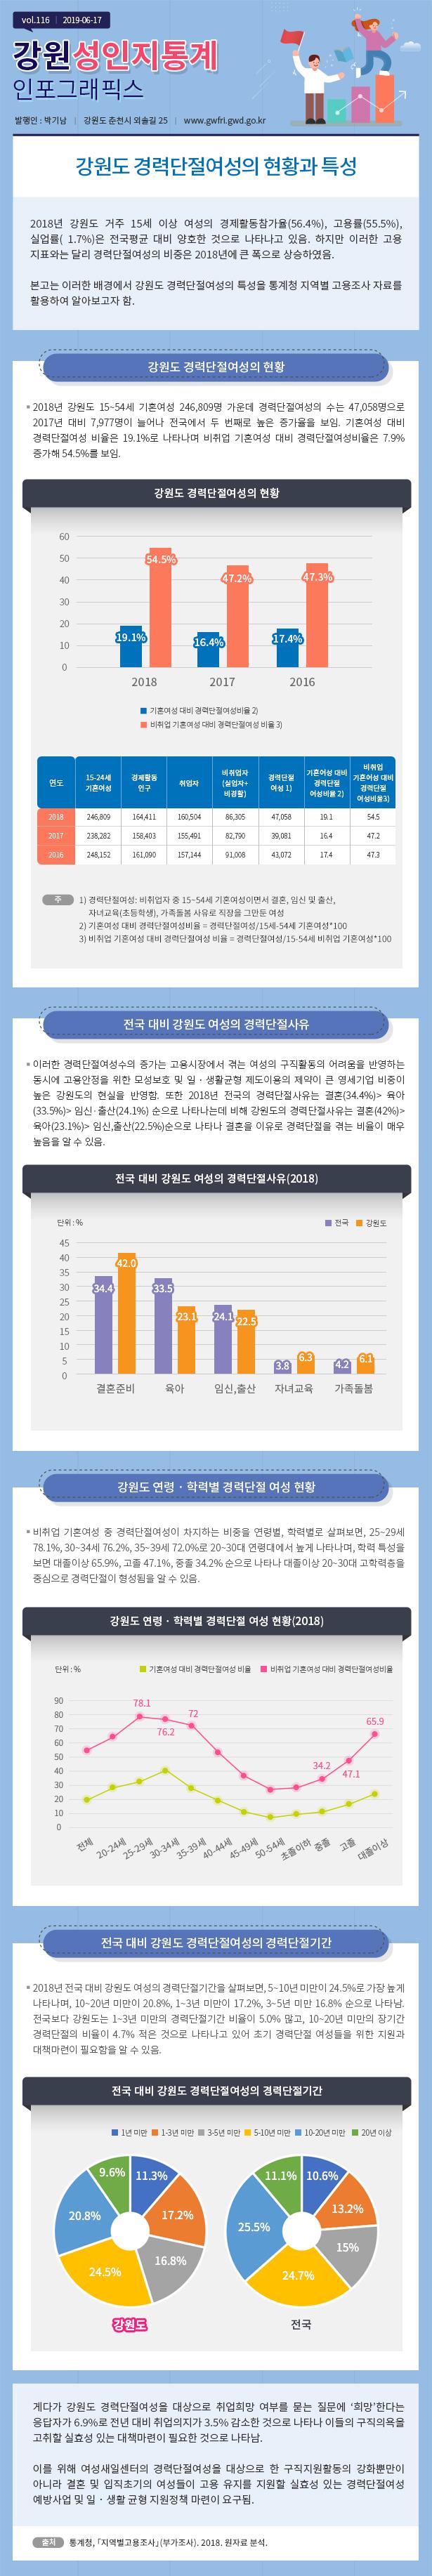 강원도여성가족연구원 성인지통계 vol.116